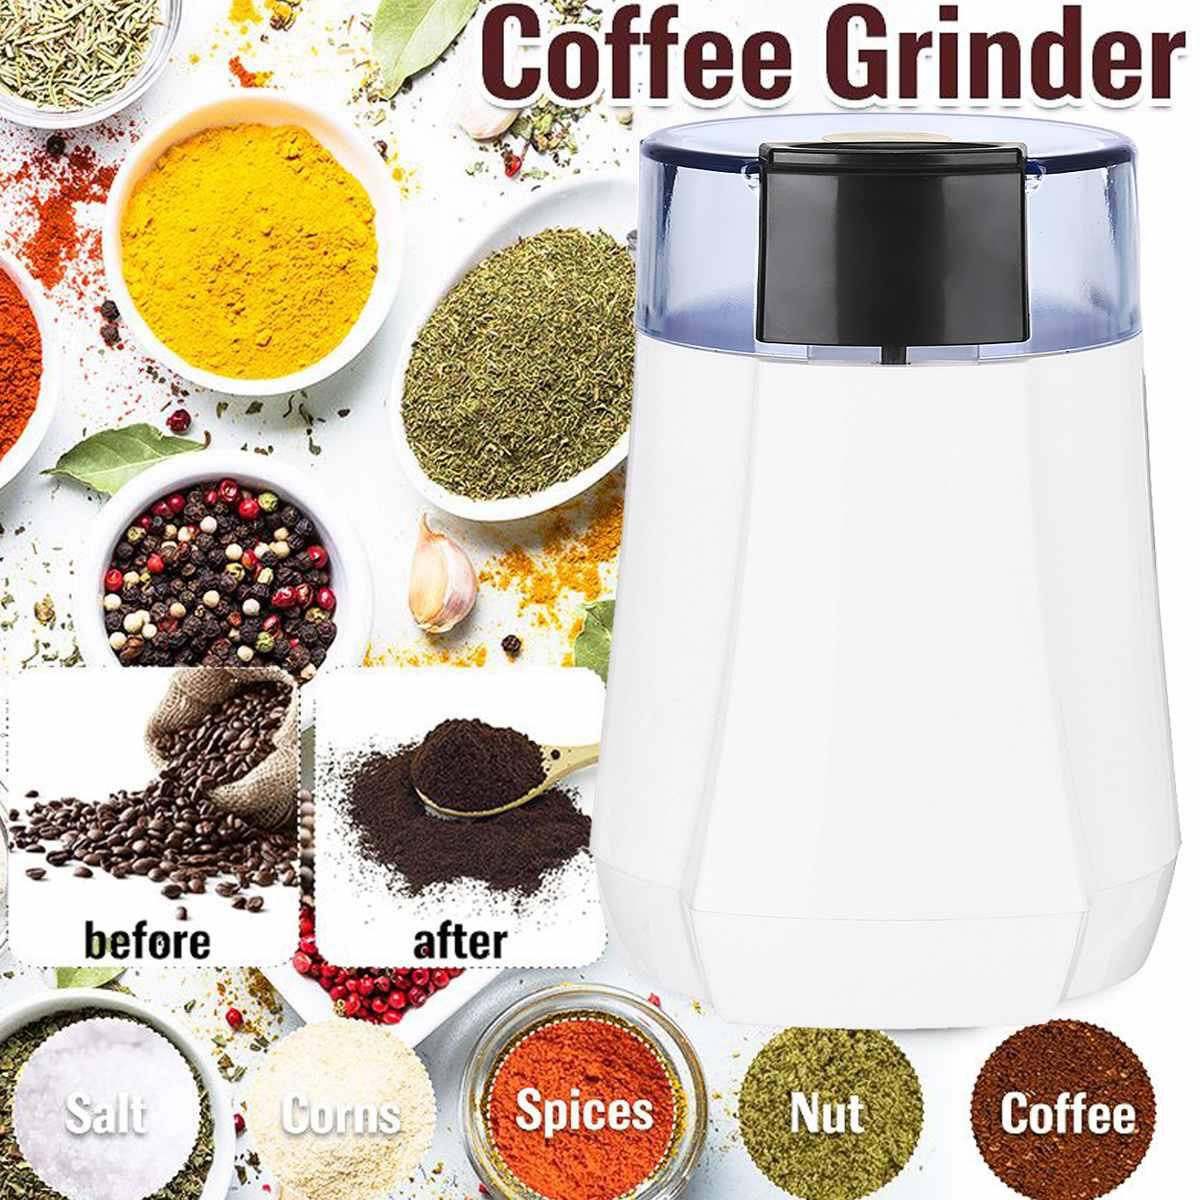 طاحونة القهوة الكهربائية 130 واط مع التيتانيوم المغلفة شفرات 70 جرام قدرة حاوية من الصلب سهلة التنظيف